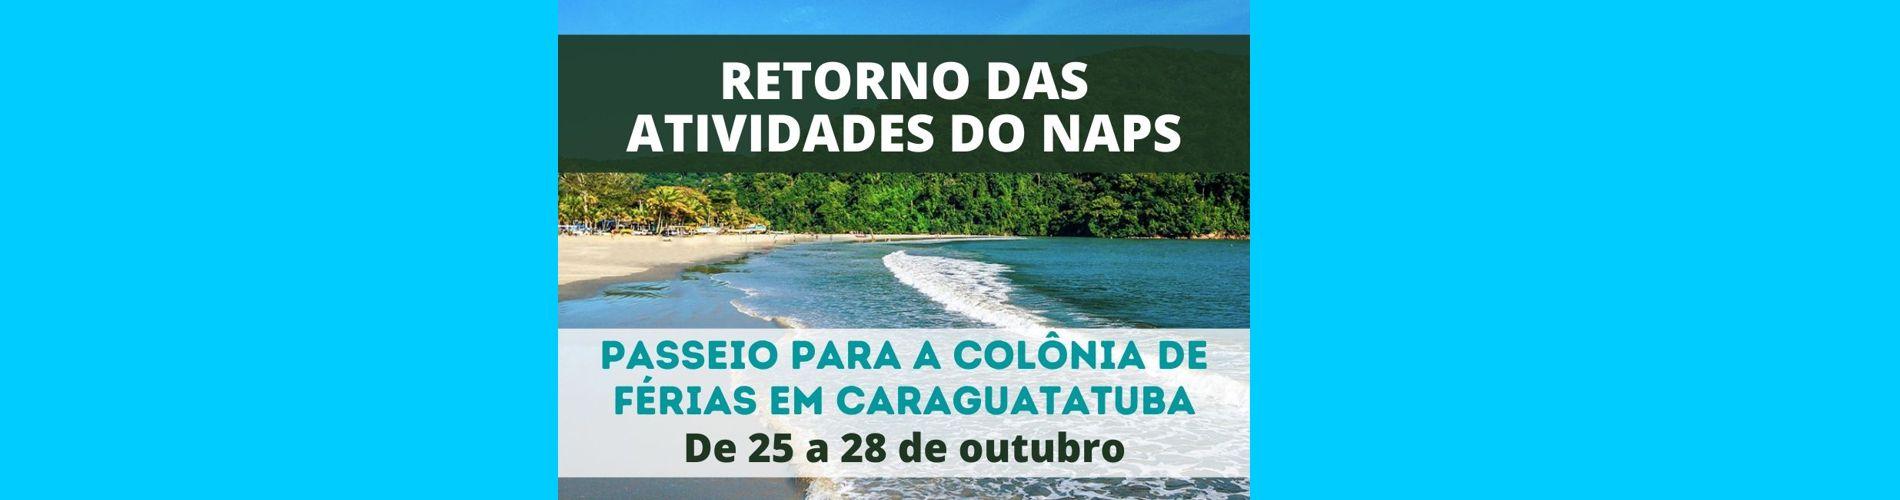 NAPS retoma reuniões presenciais com atividade na Sede de Praia em Caraguatatuba